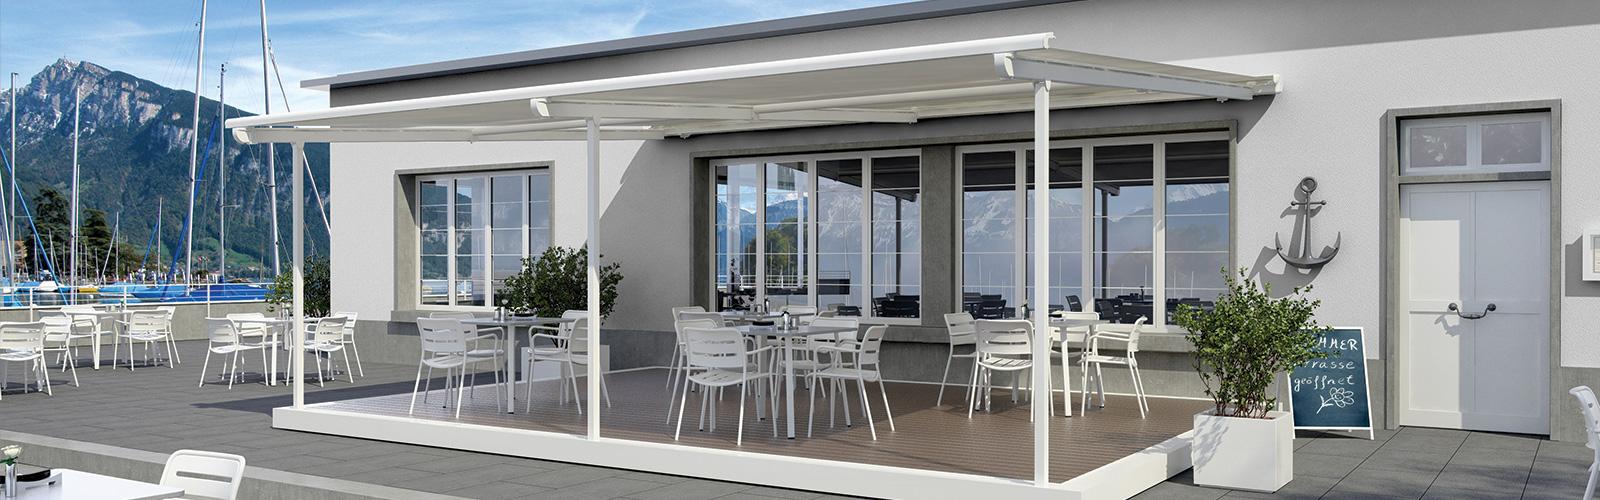 markisen segel great genial seilzug markise inspiration terrasse und markisen uebersicht zu. Black Bedroom Furniture Sets. Home Design Ideas